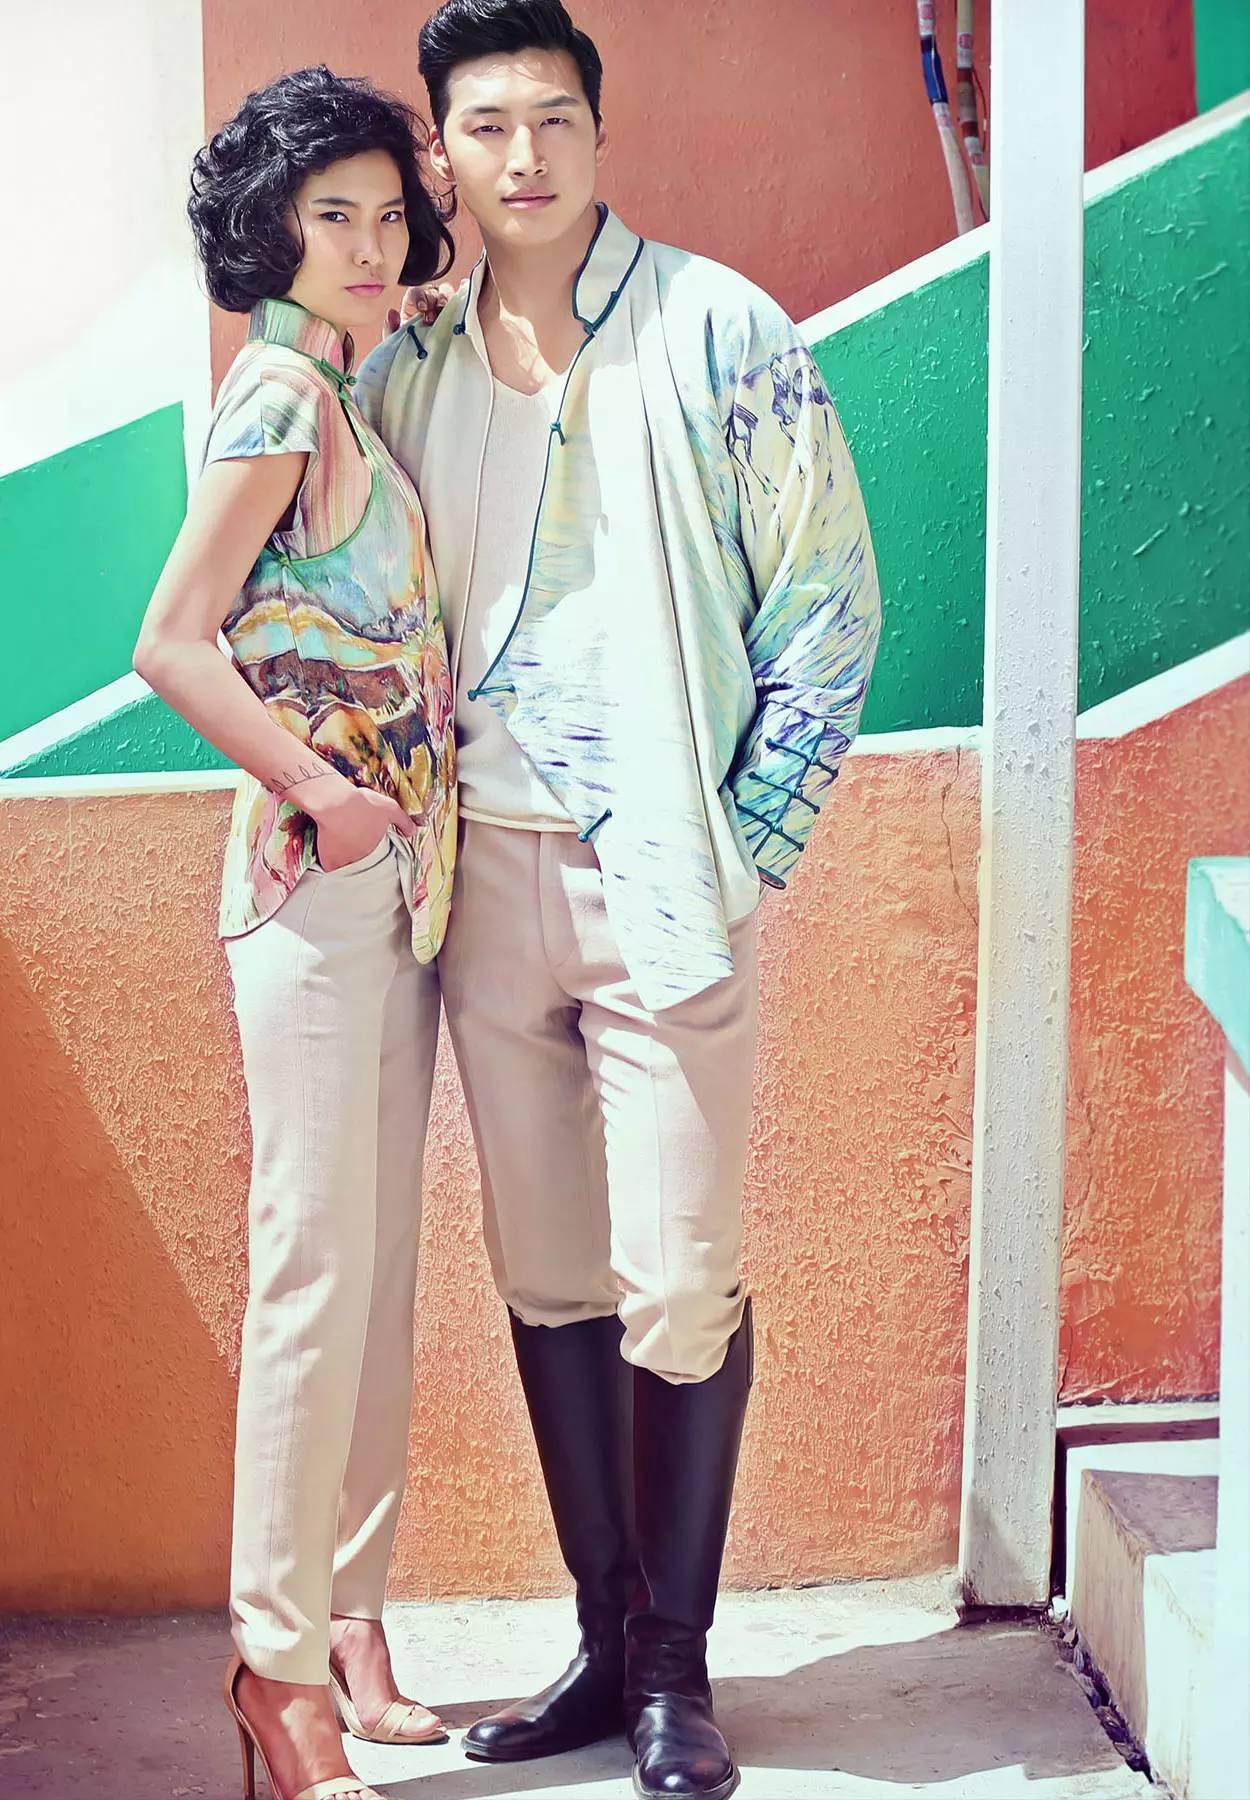 【蒙古服饰】蒙古国知名大牌GOBI 最新流行服饰展播 美呆了 第3张